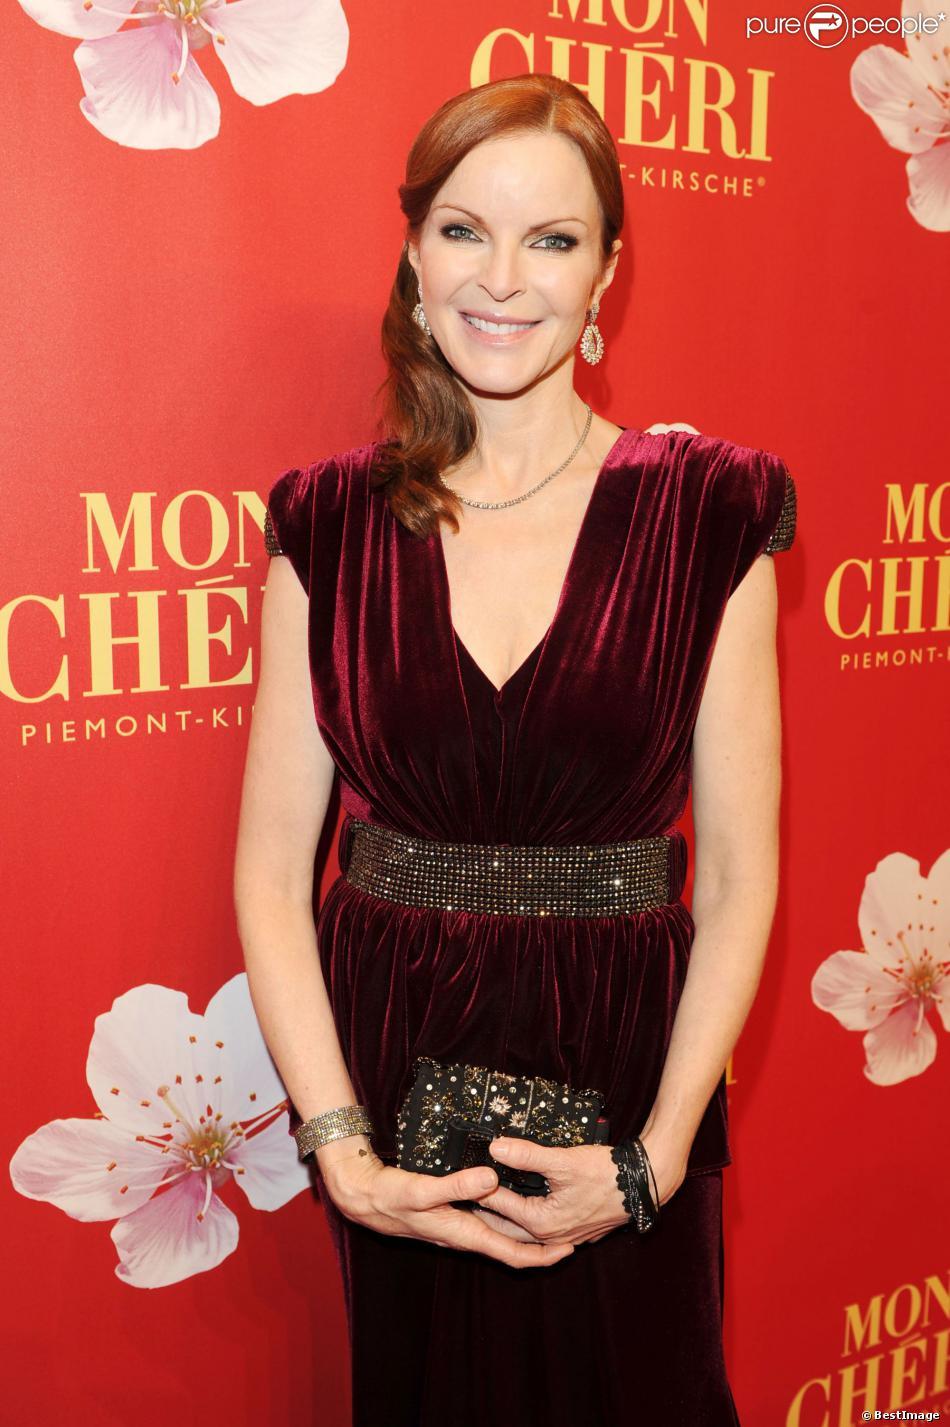 """Marcia Cross à la soirée de gala pour le """"Barbara Day"""", organisée par Mon Cheri (Ferrero Allemagne) à Munich, le 4 décembre 2013."""